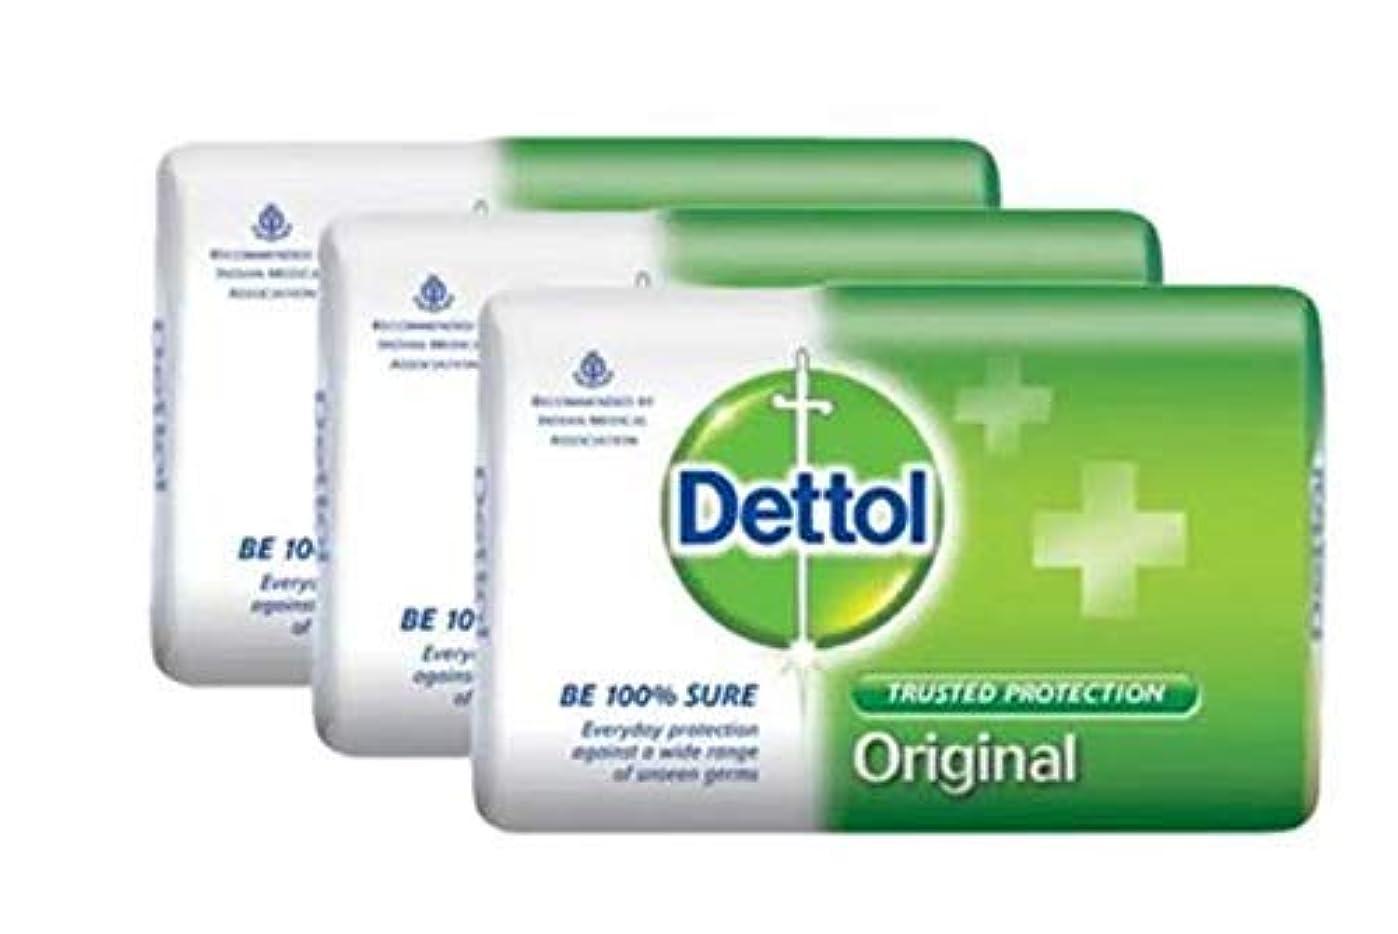 先祖兵士悩みDettol 固形石鹸オリジナル4x105g-は、信頼Dettol保護から目に見えない細菌の広い範囲を提供しています。これは、皮膚の衛生と清潔を浄化し、保護します